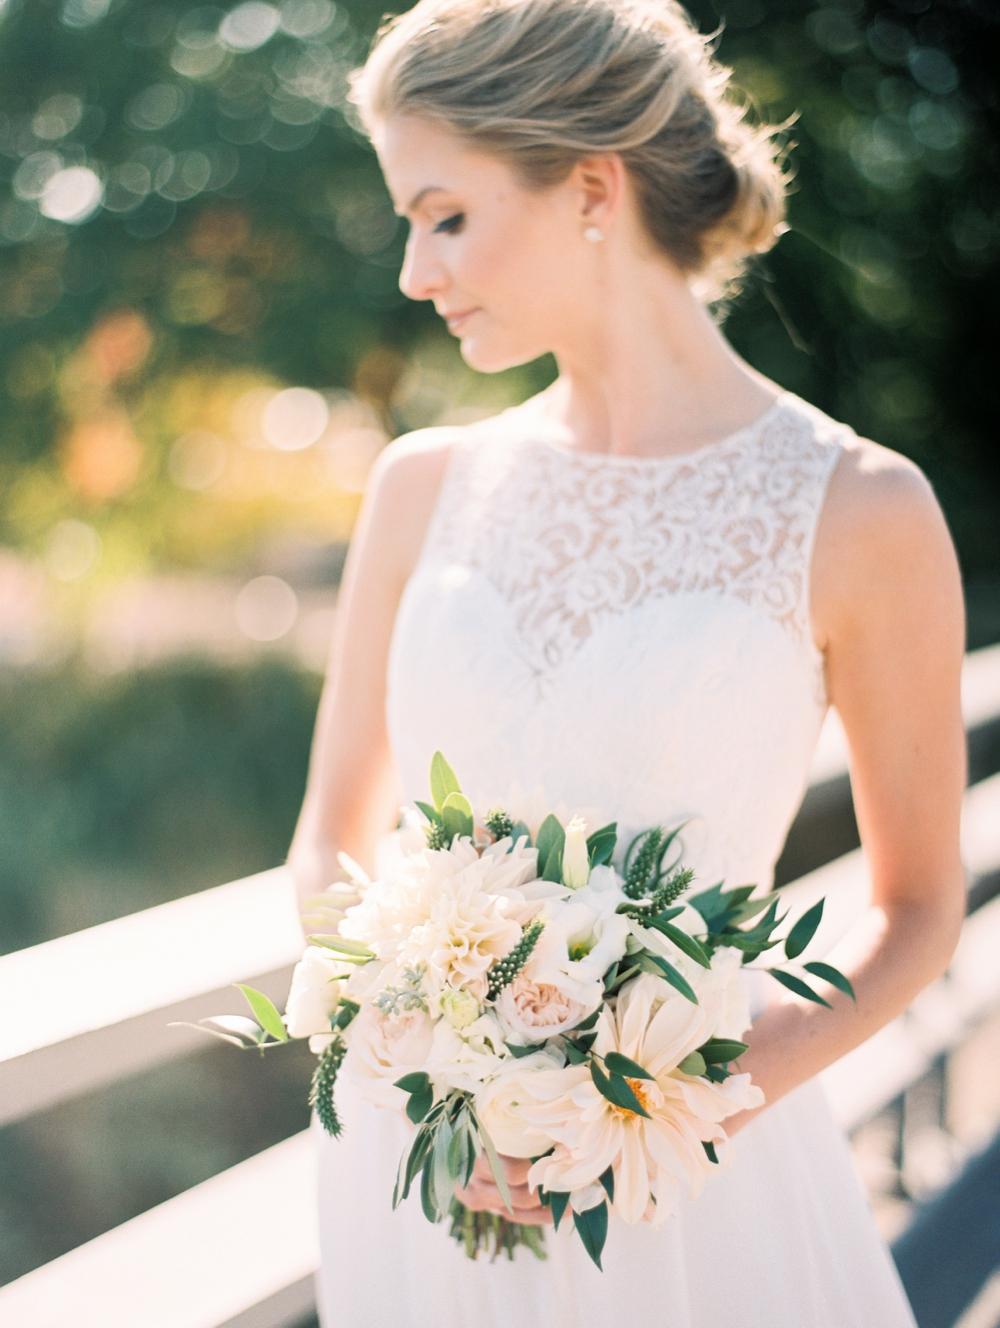 kristin-la-voie-photography-bridgeport-art-center-wedding-chicago-wedding-photographer-96.jpg